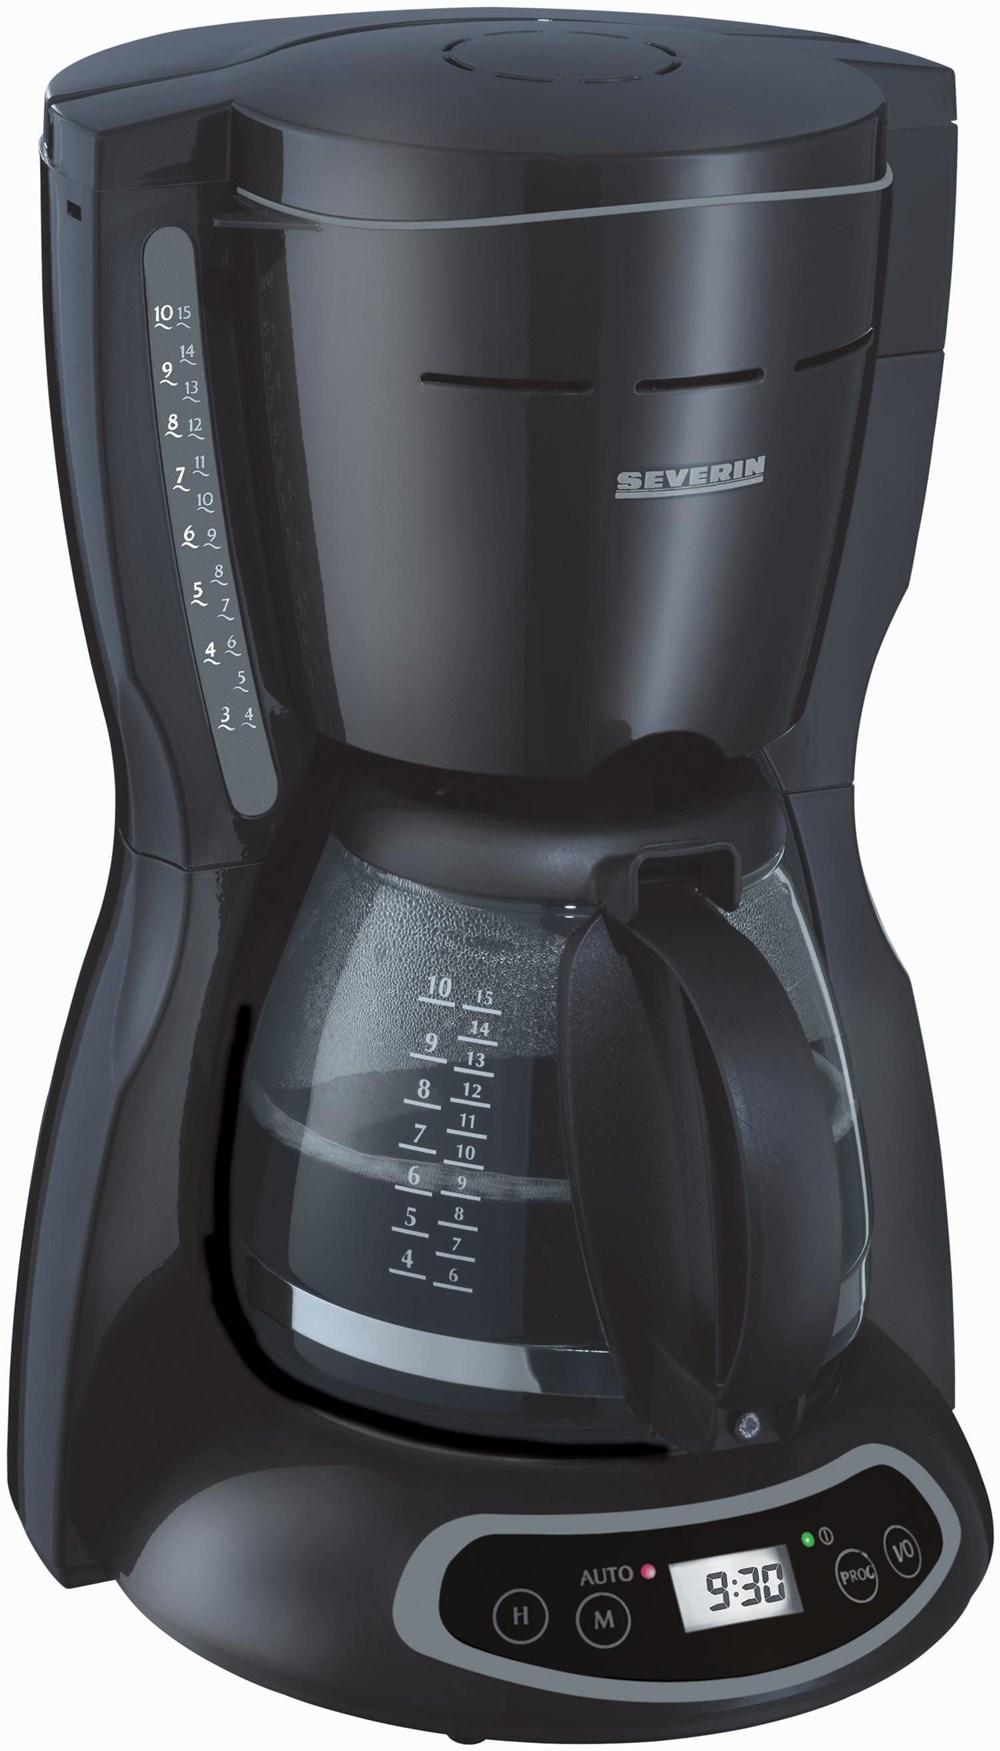 Severin GK 5528 Glaskanne (Zubehör Kaffeemaschine) GK5528